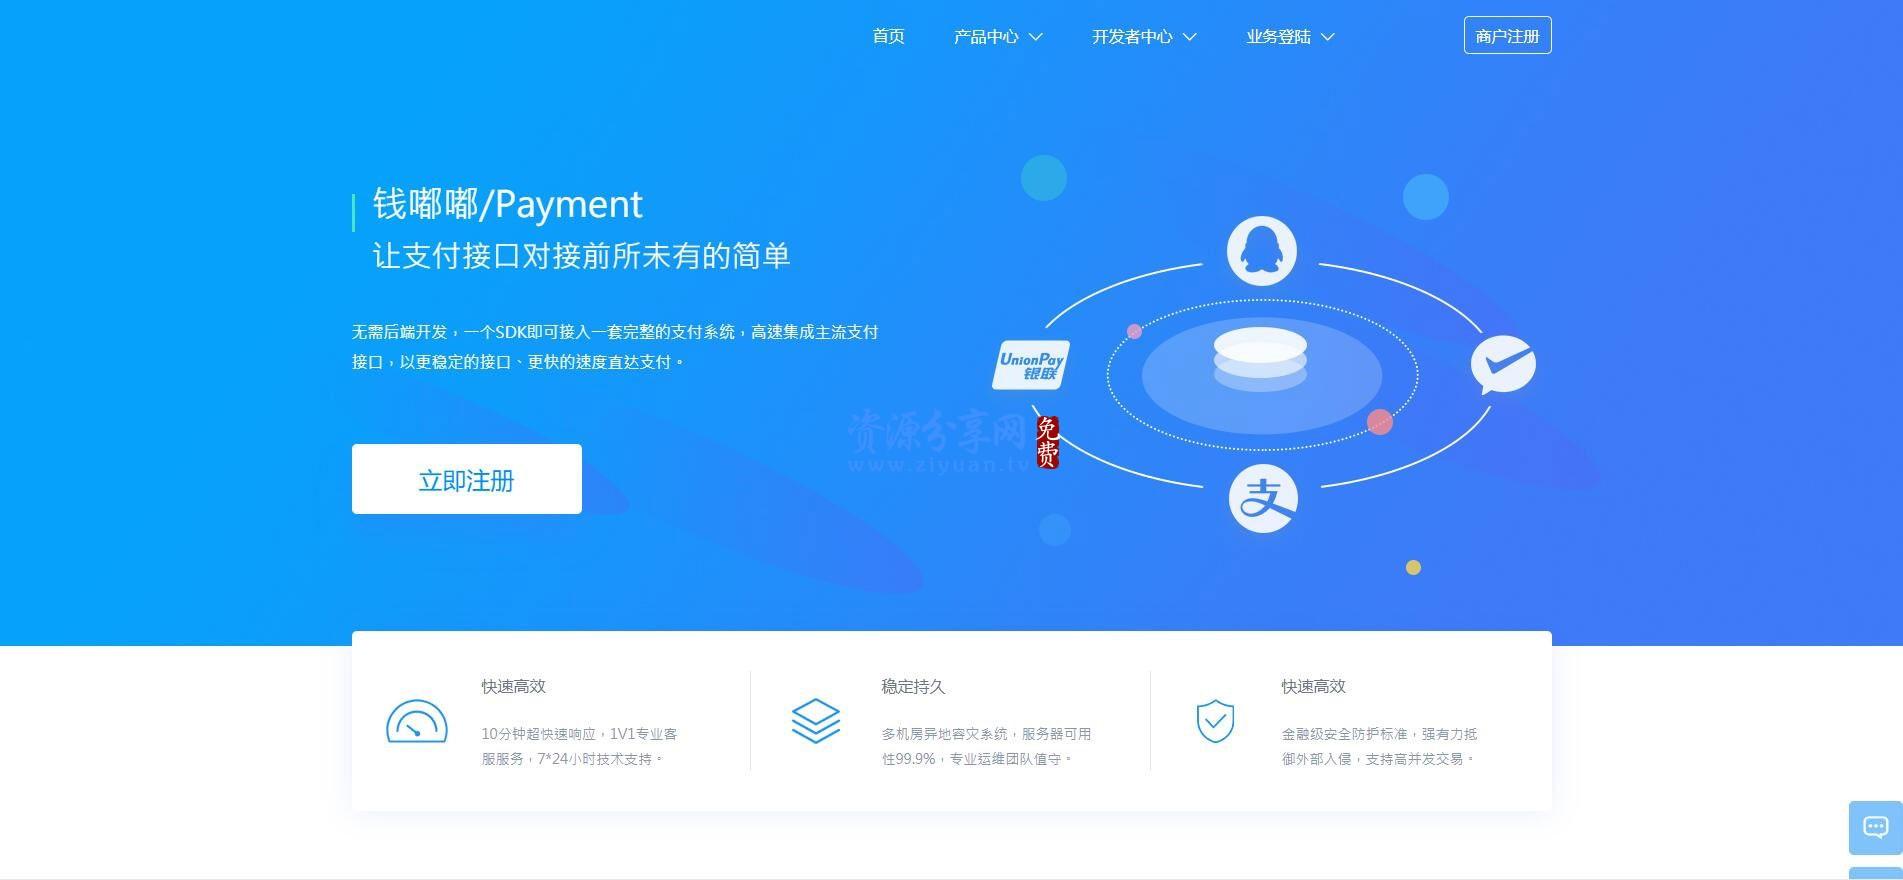 聚合支付第四方支付系统网站源码全新支付宝代付系统第三方支付第四方支付系统